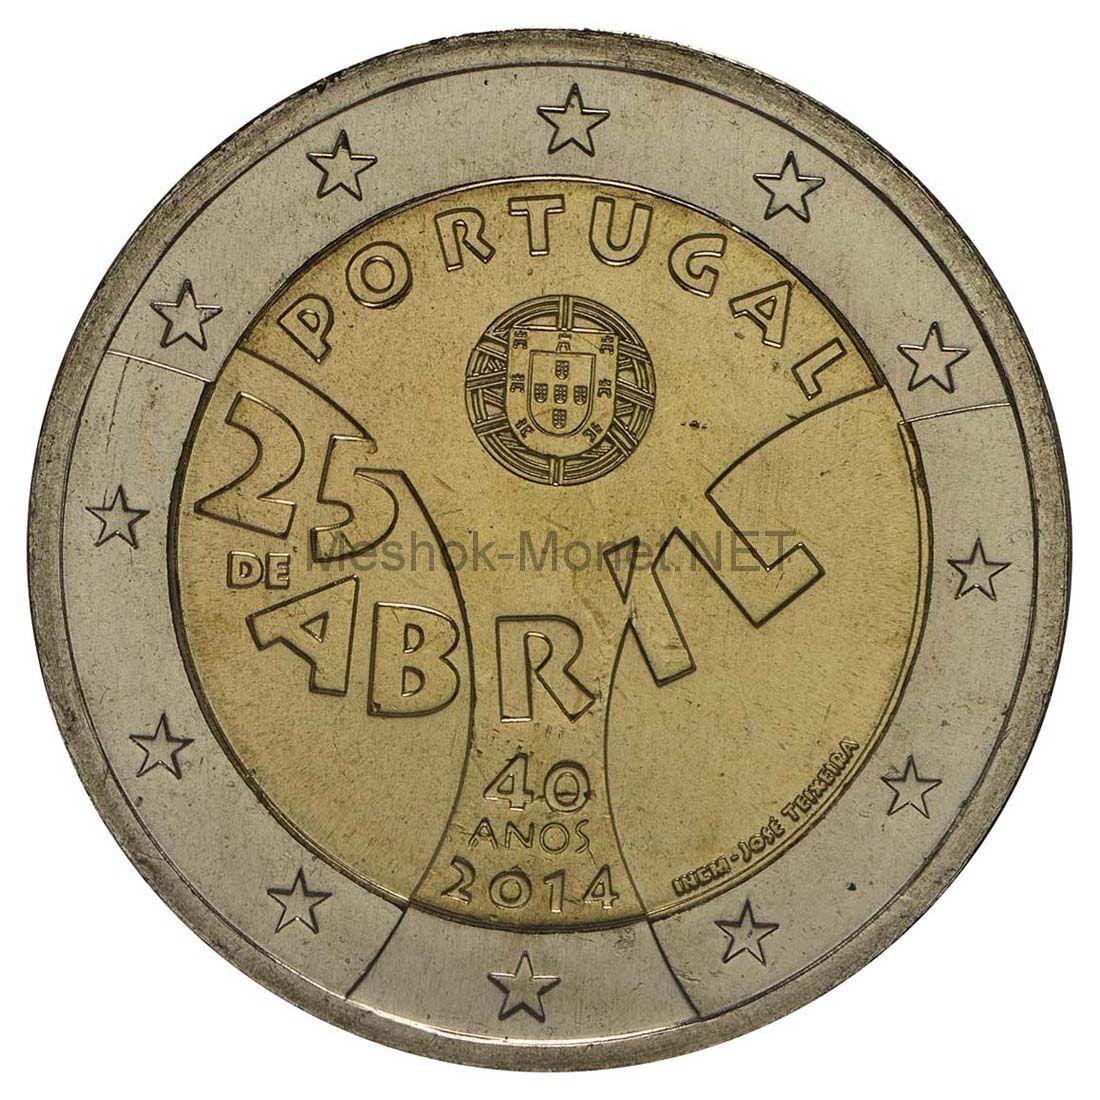 Португалия 2 евро 2014, 40 лет Революции гвоздик - 25 апреля 1974